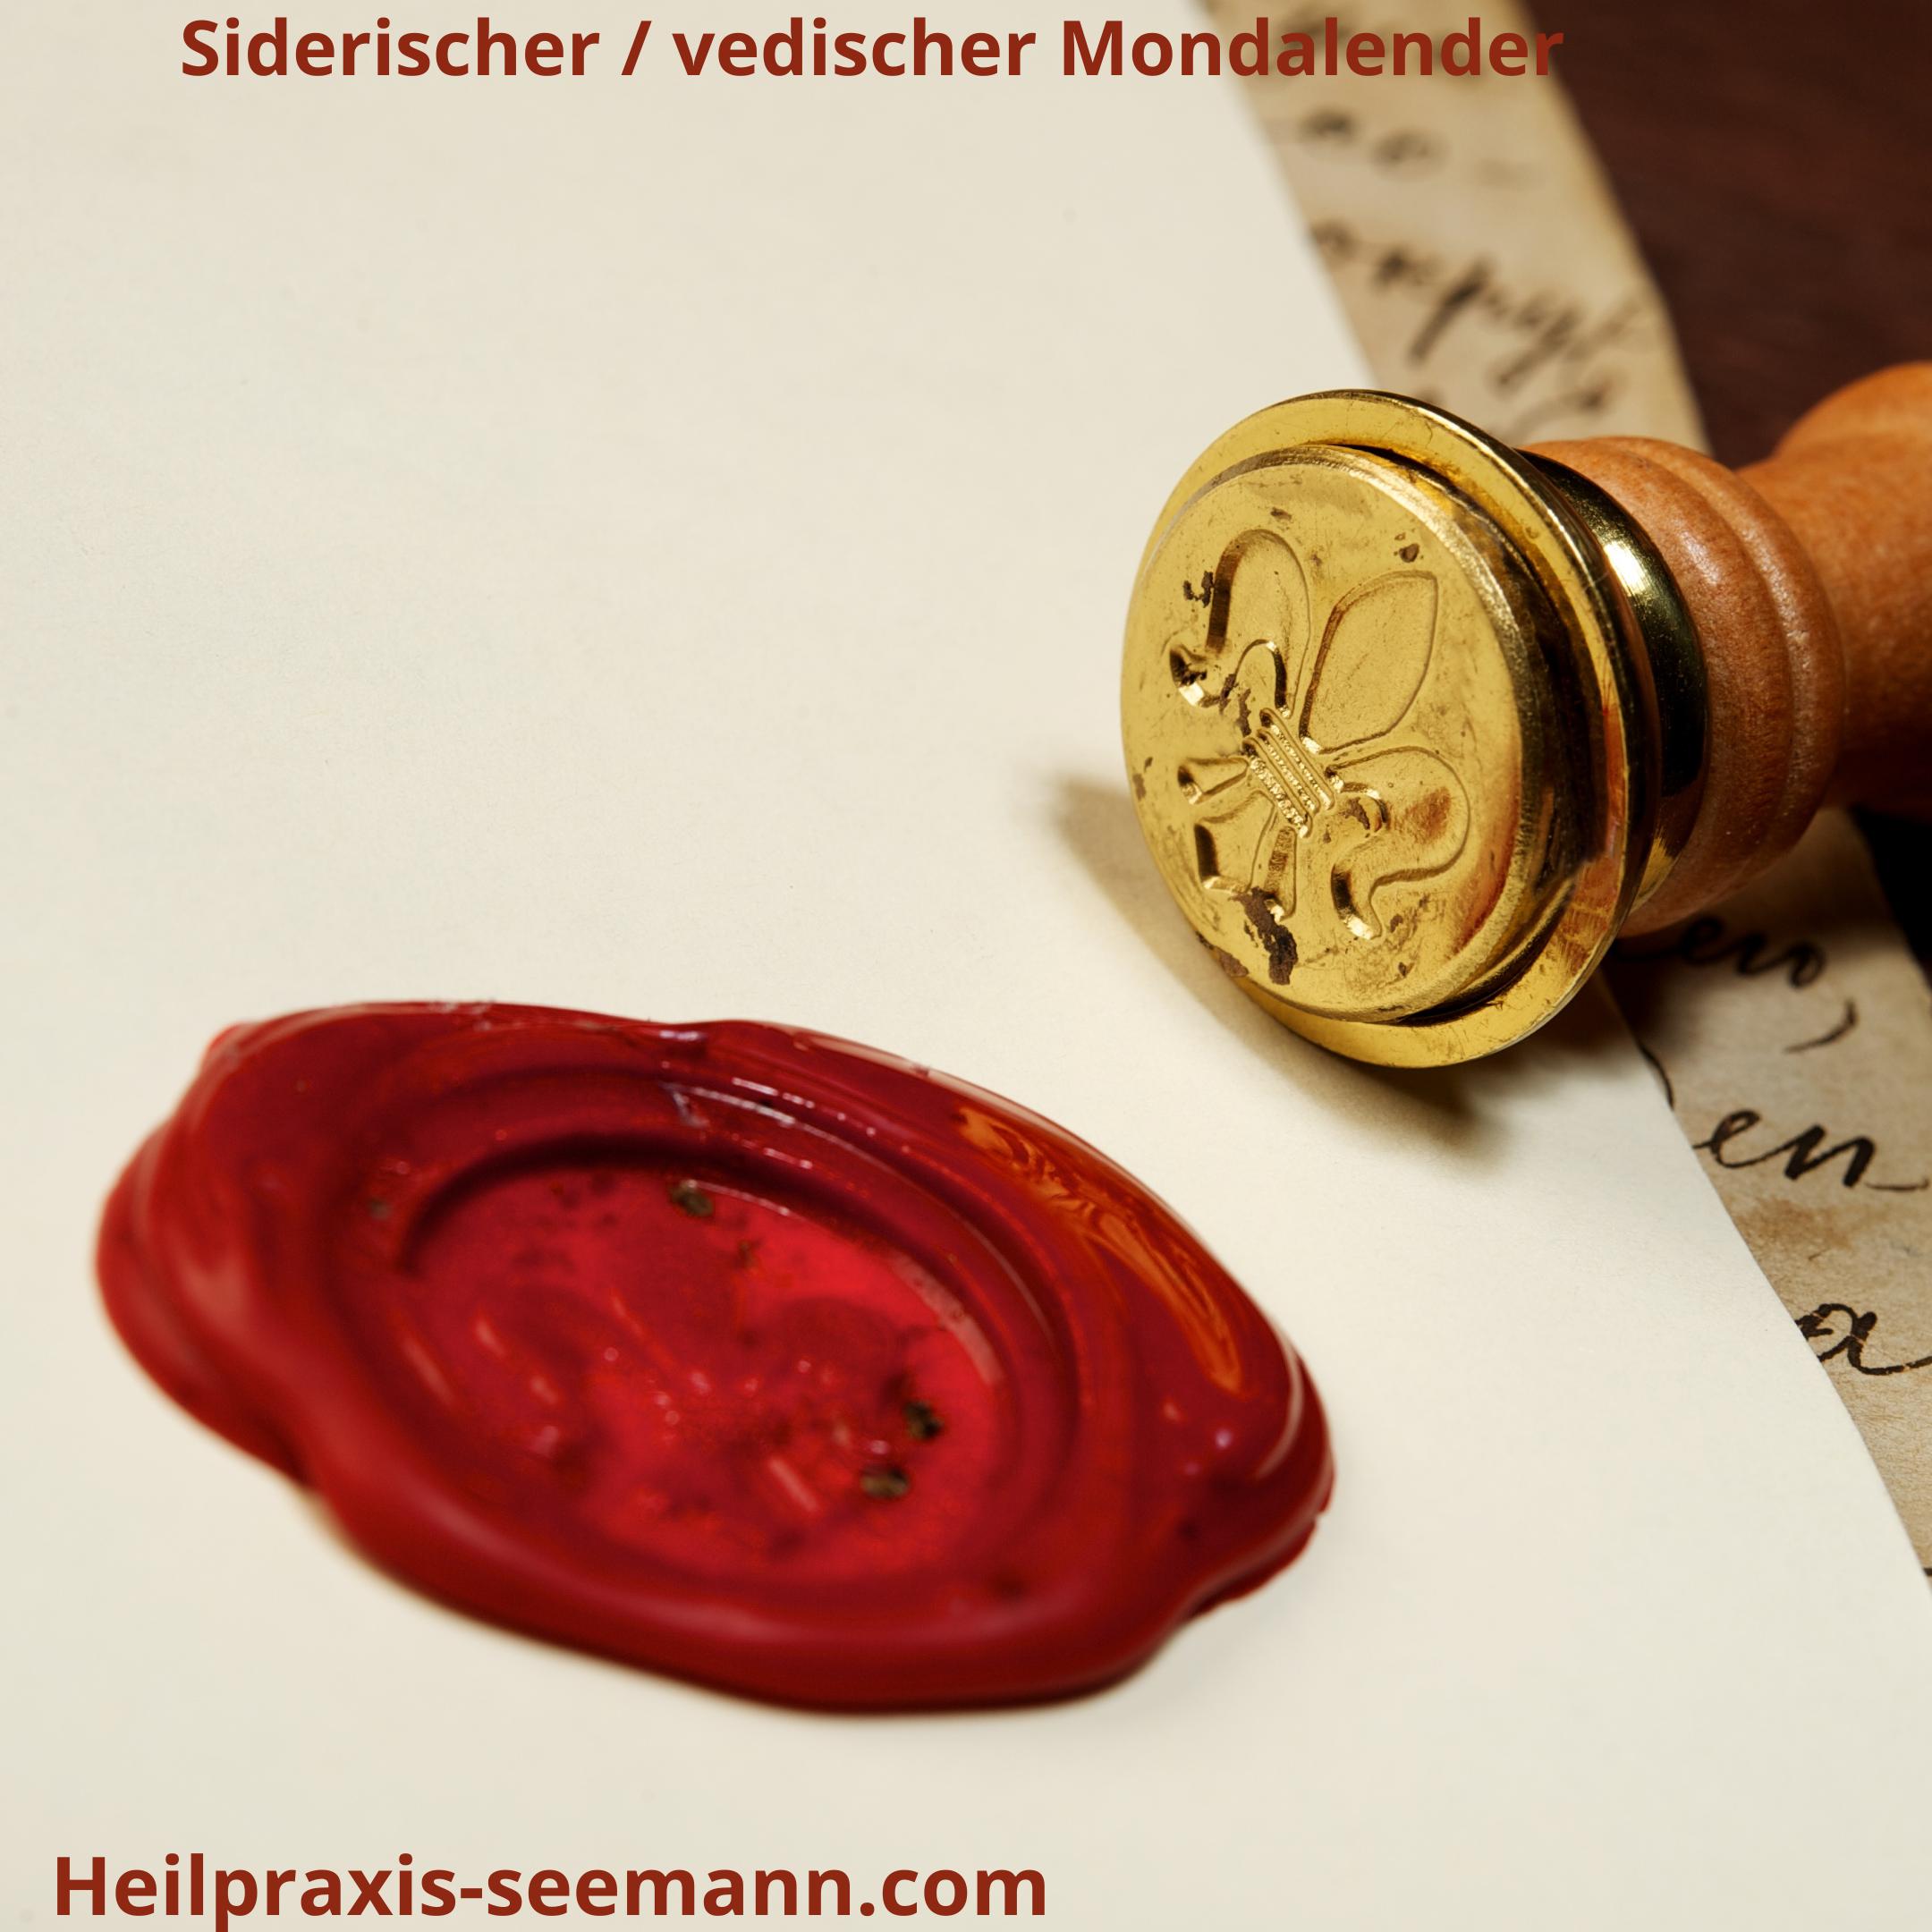 siderischer _ vedischer Mondkalender